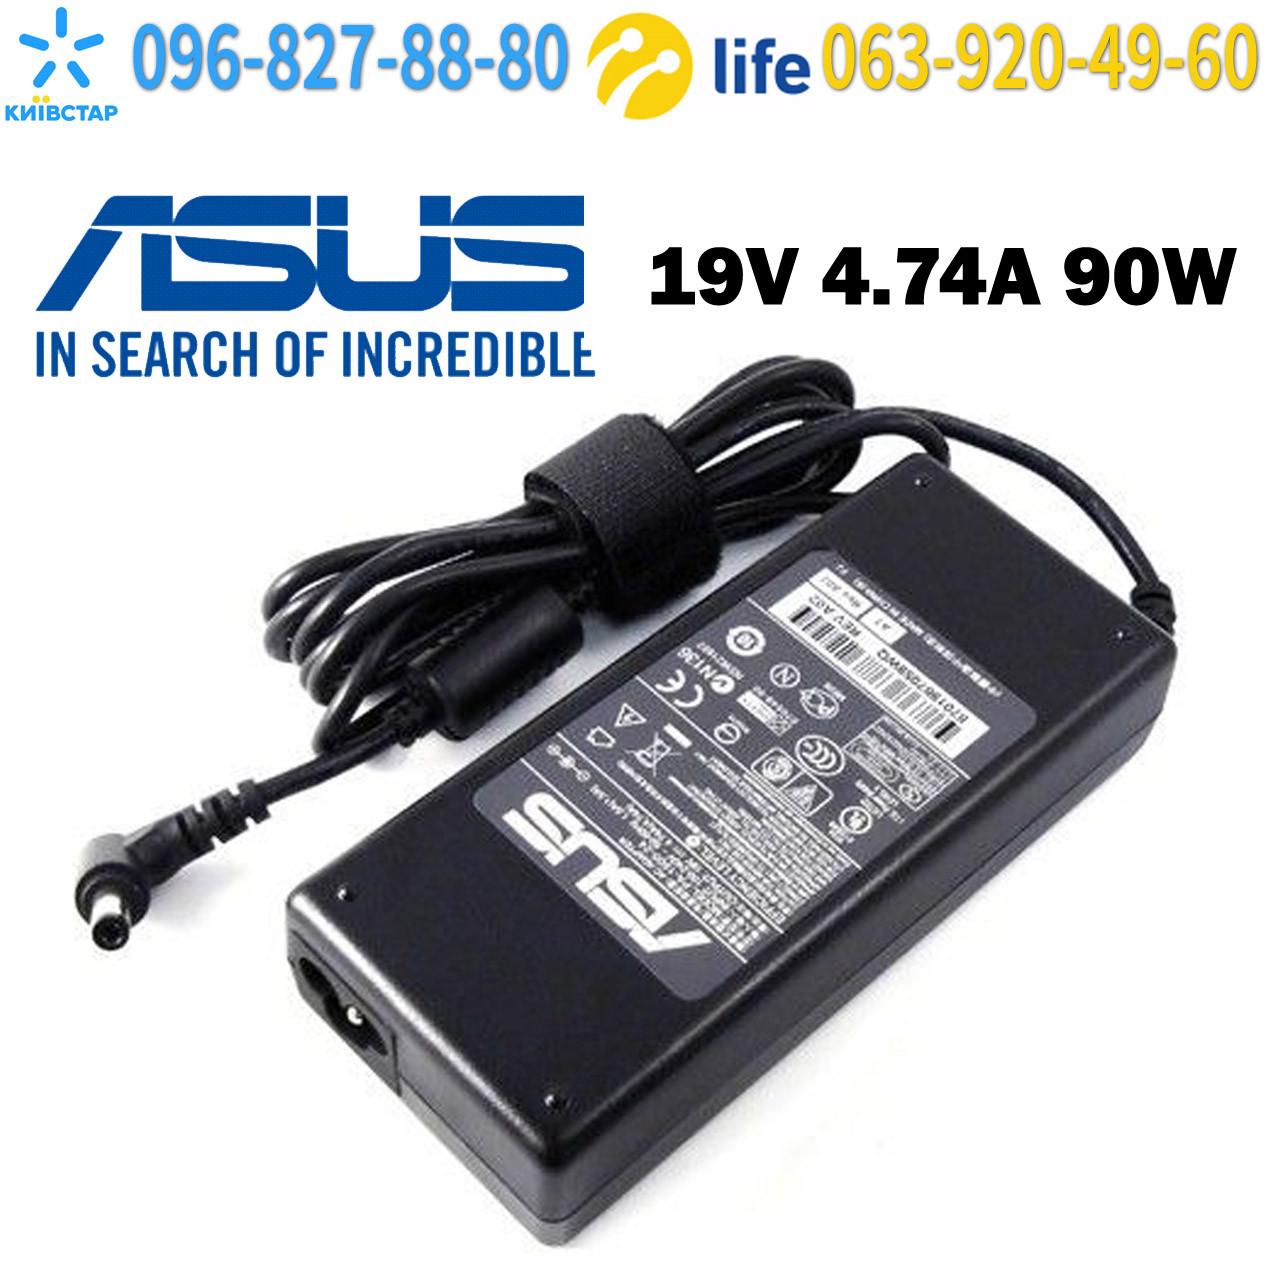 Блок питания для ноутбука Asus E550CC зарядное устройство ASUS - Интернет-магазин Allegoriya в Днепре